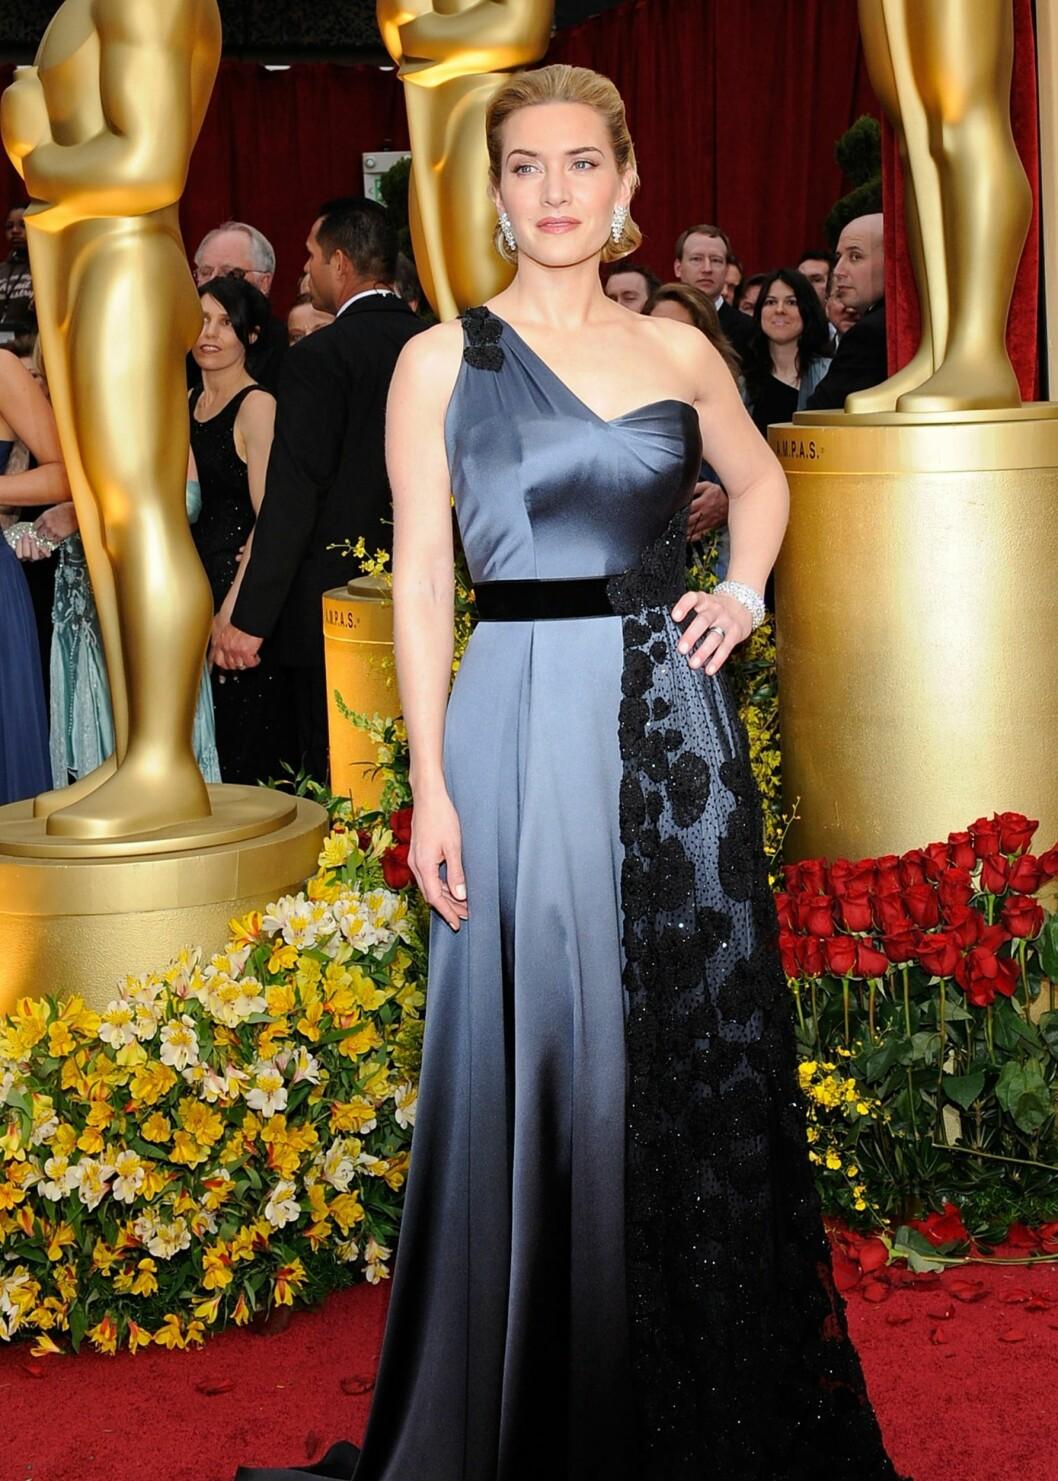 Skuespiller Actress Kate Winslet fra Oscar-utdelingen i februar i år.  Foto: All Over Press